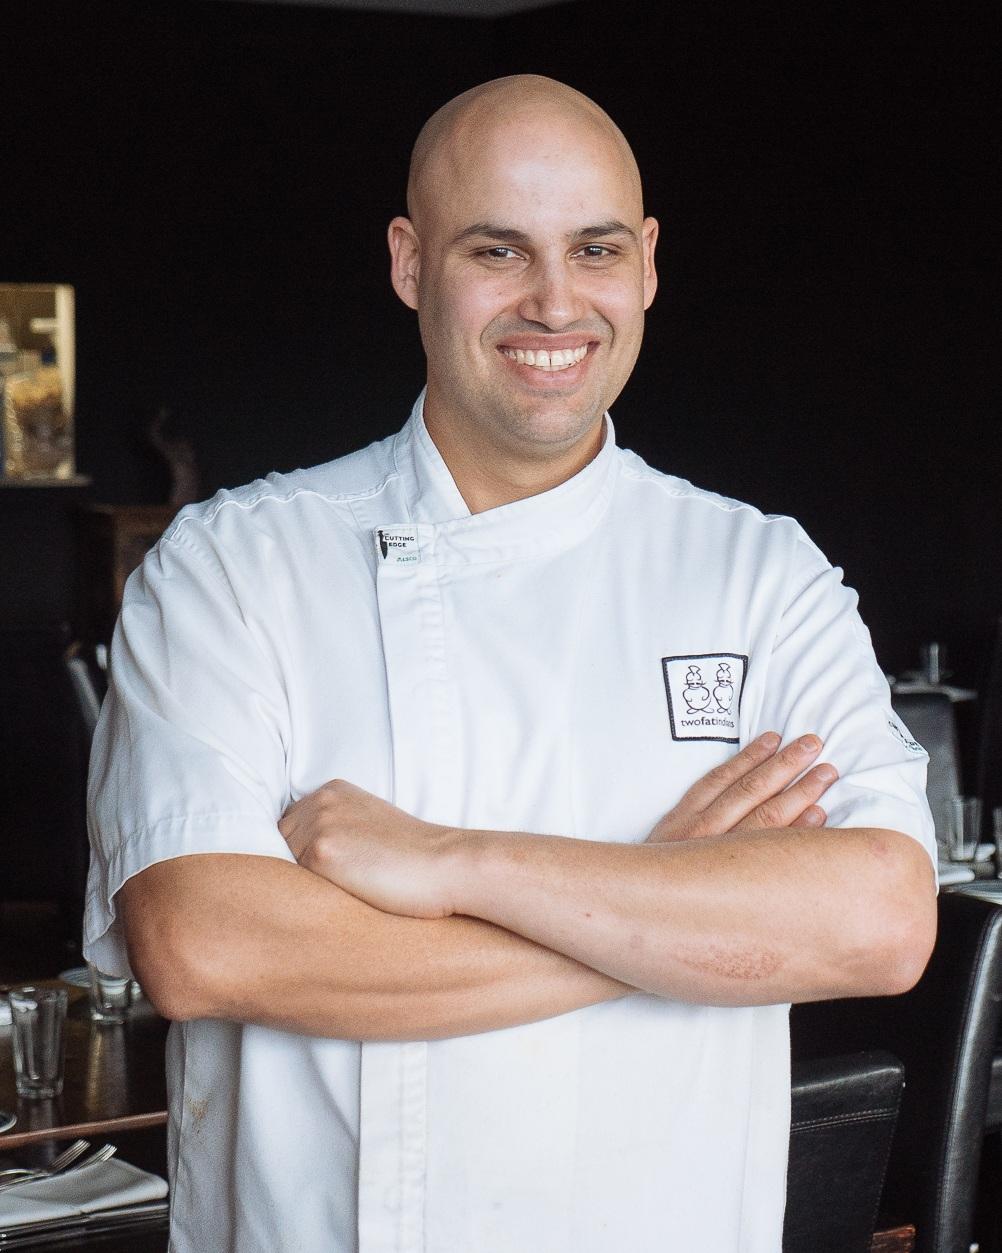 TwoFatIndians_Chef.jpg